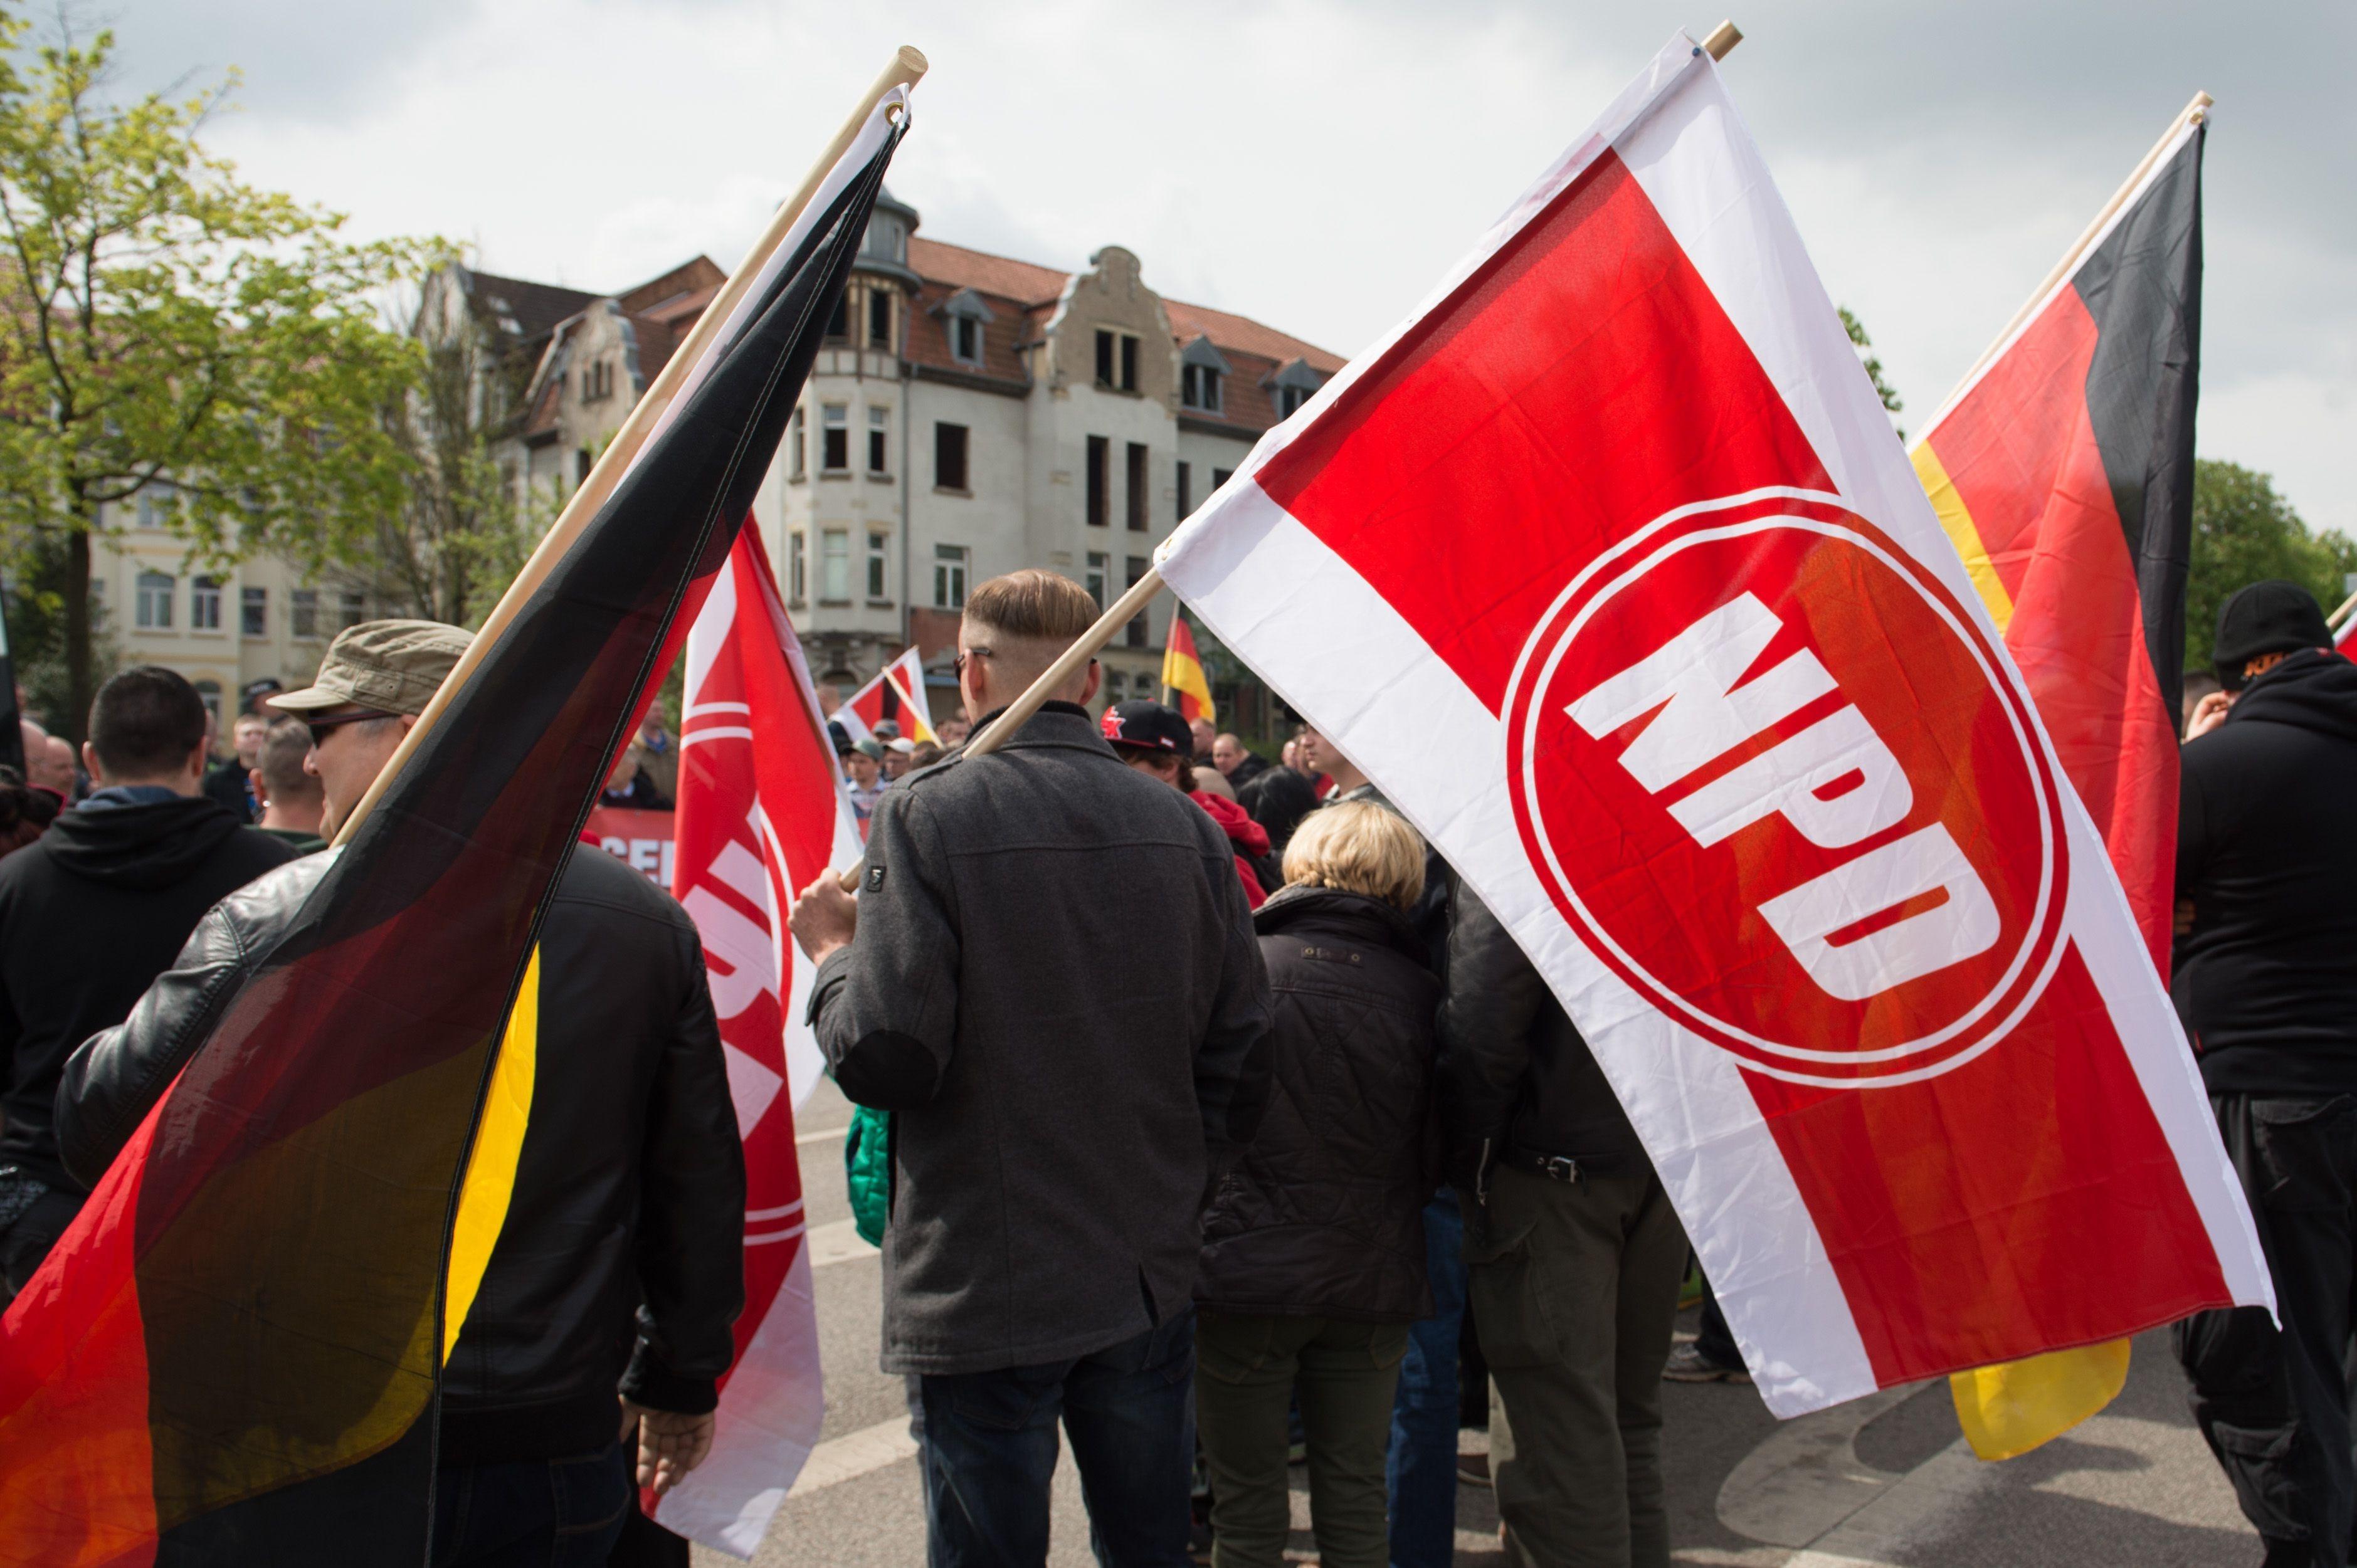 Megtiltotta a rendőrség a német szélsőjobbnak, hogy a kölni dóm mellett tüntessen szilveszterkor